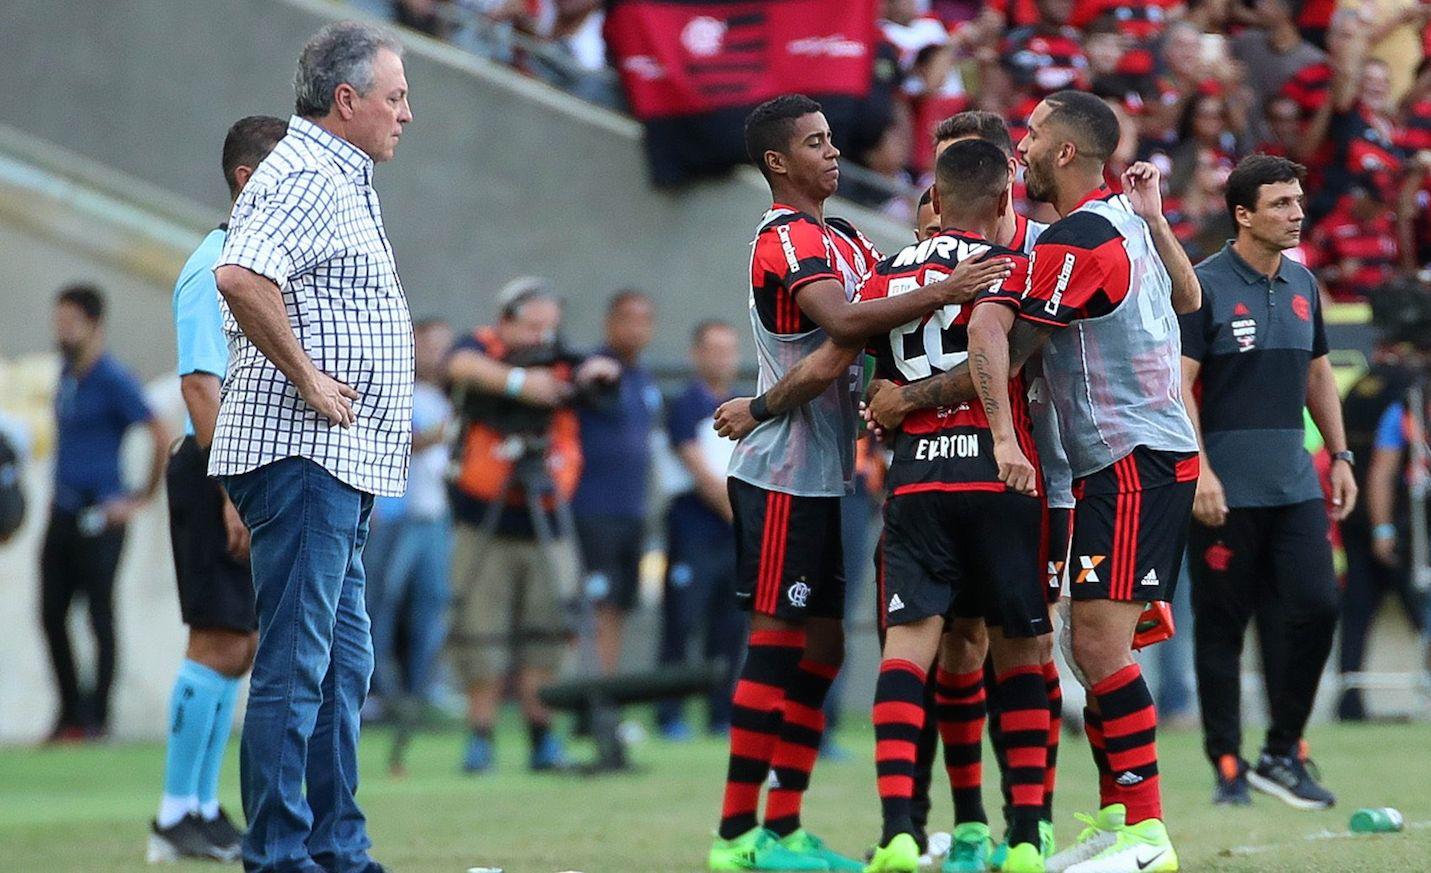 Abel Braga e o Flamengo. Autor: desconhecido